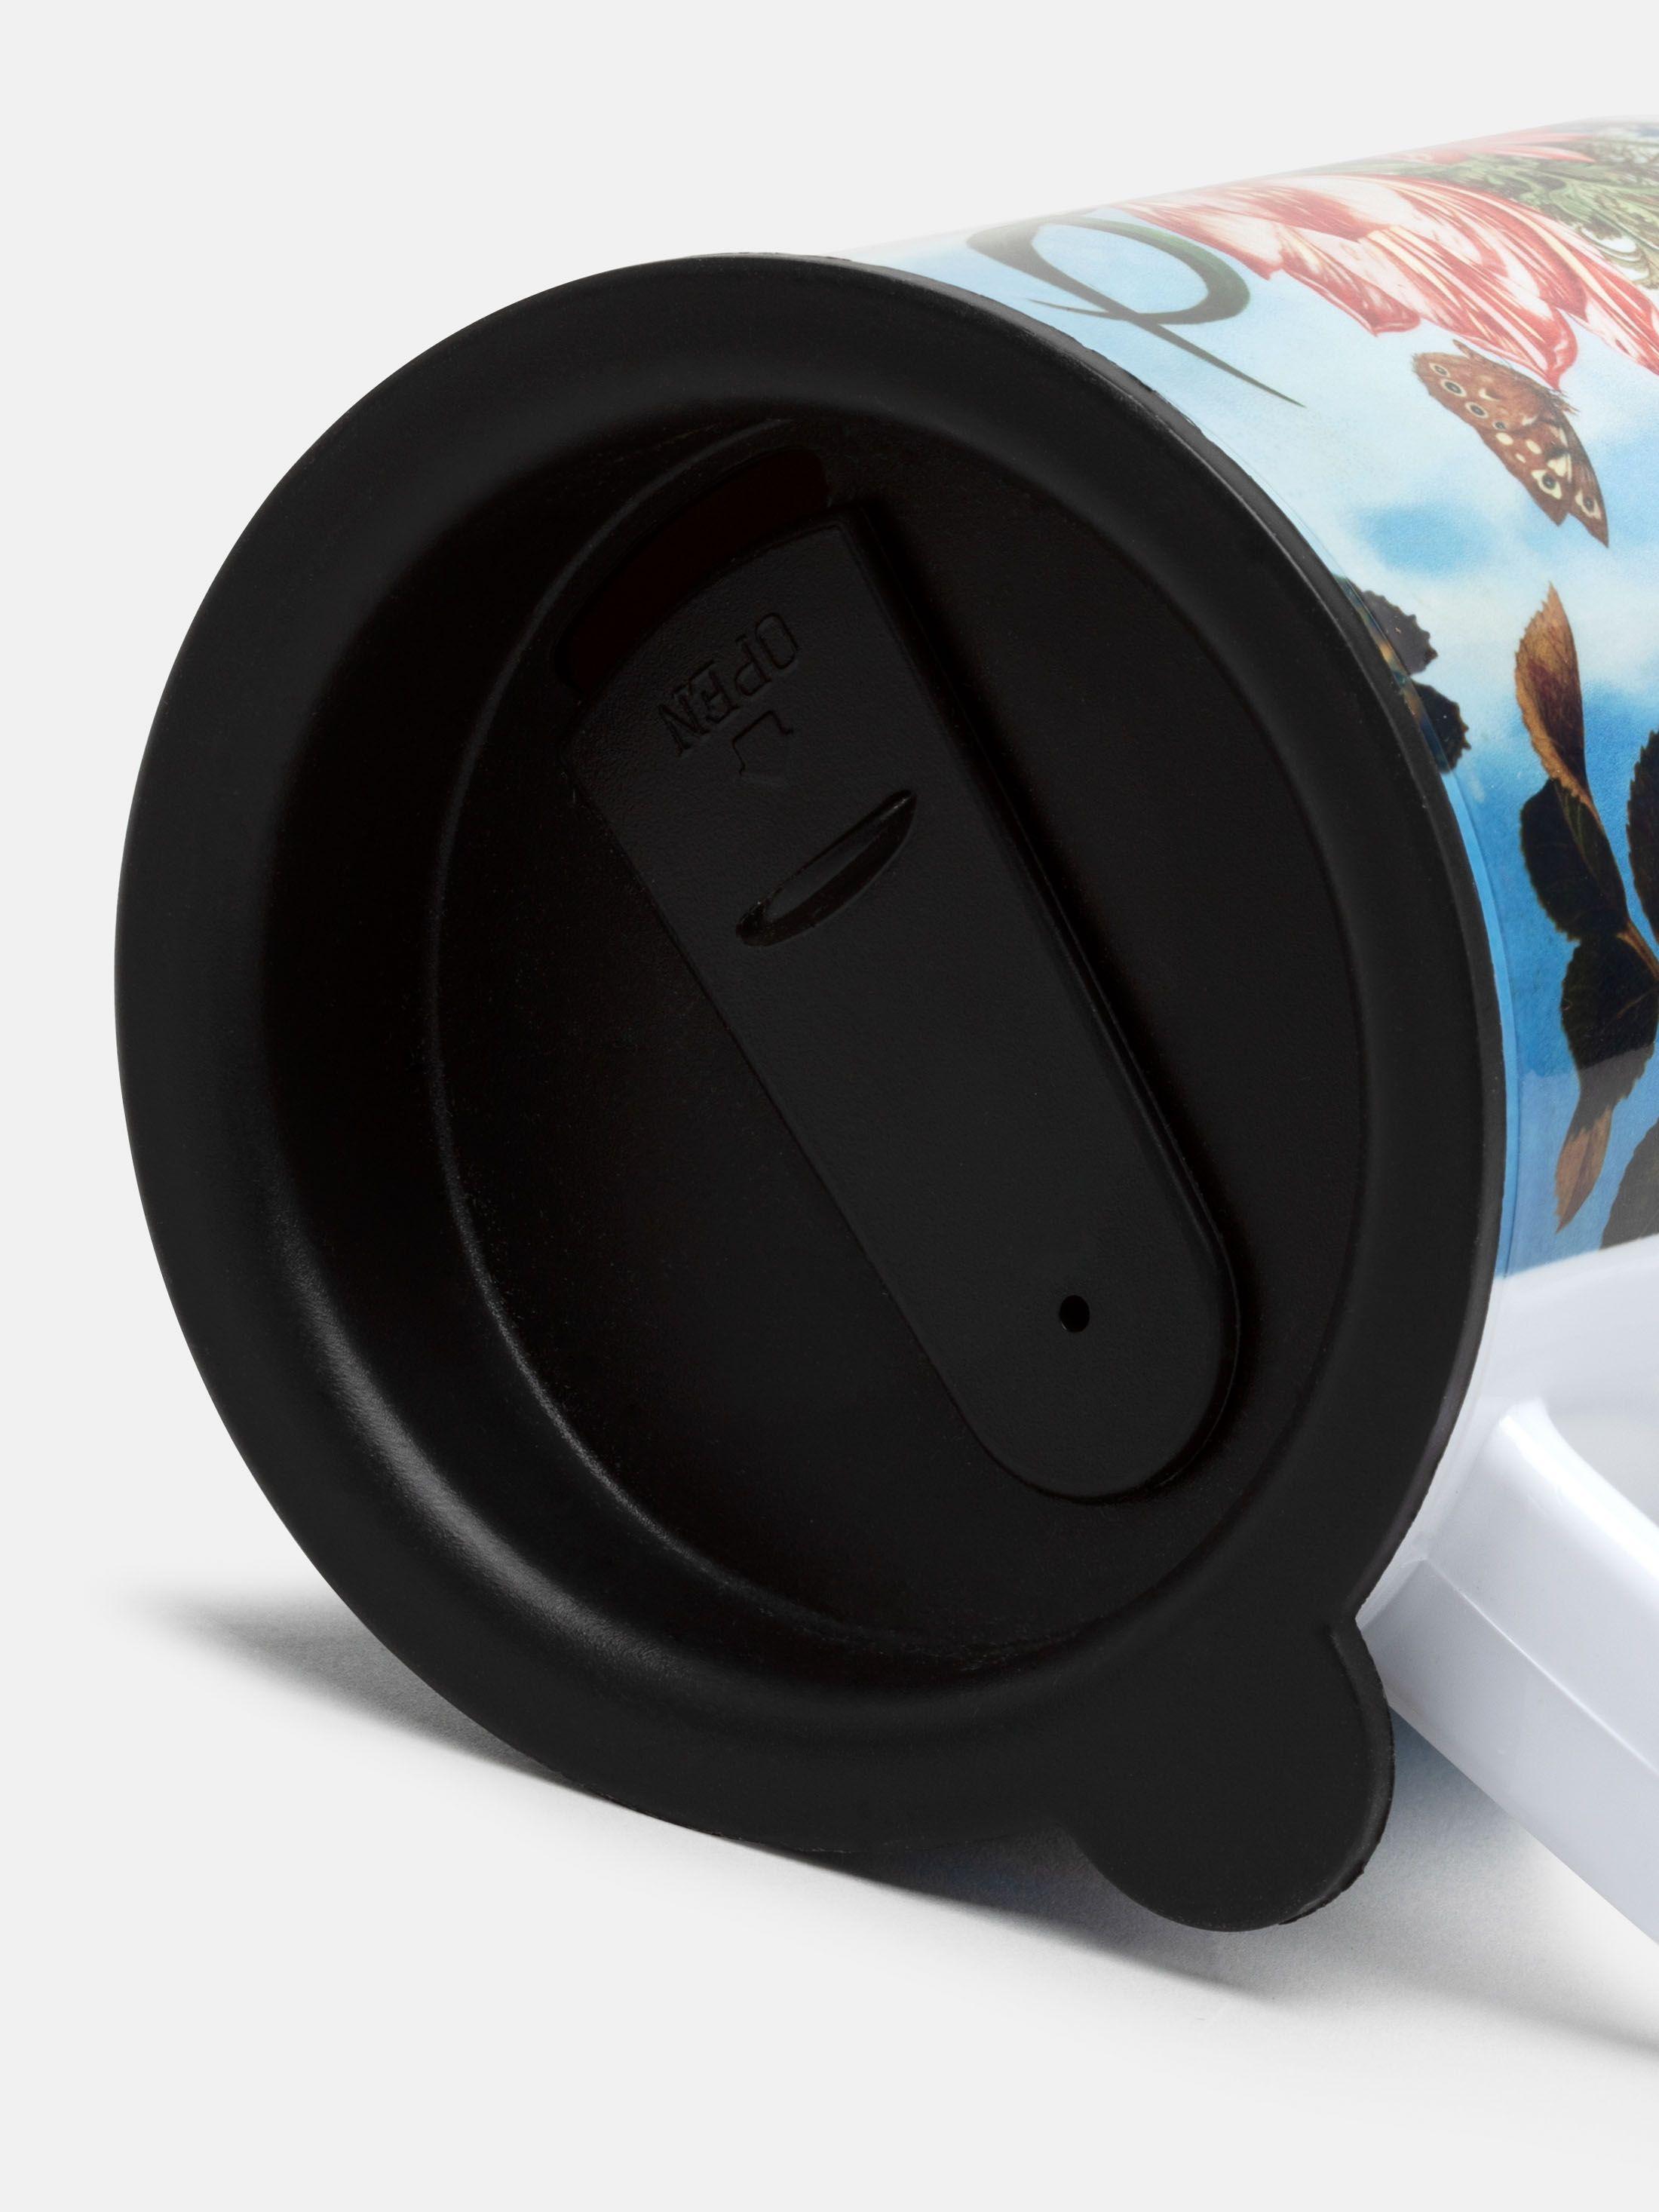 Mug lid rubber sealing travel mug